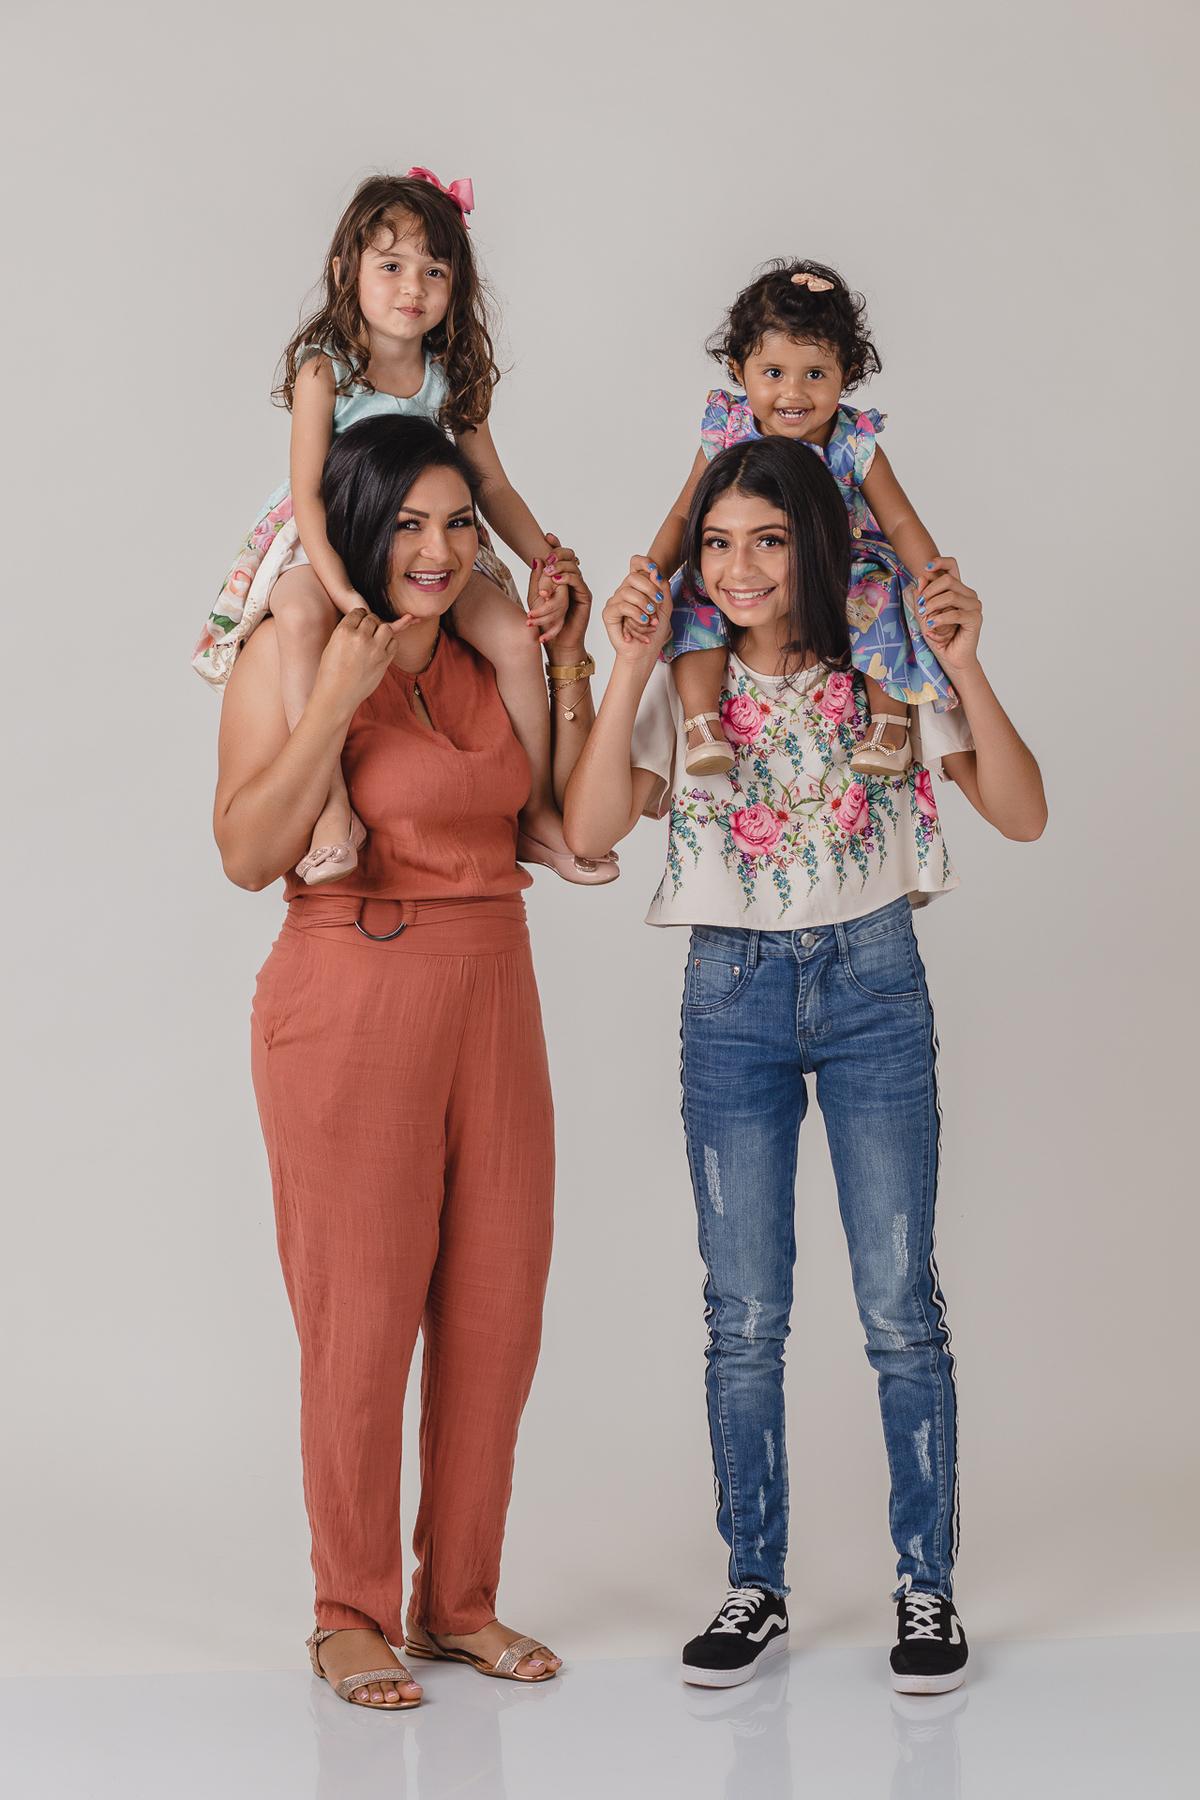 Ensaio de família realizado no estúdio fotográfico em São Gotardo-MG.